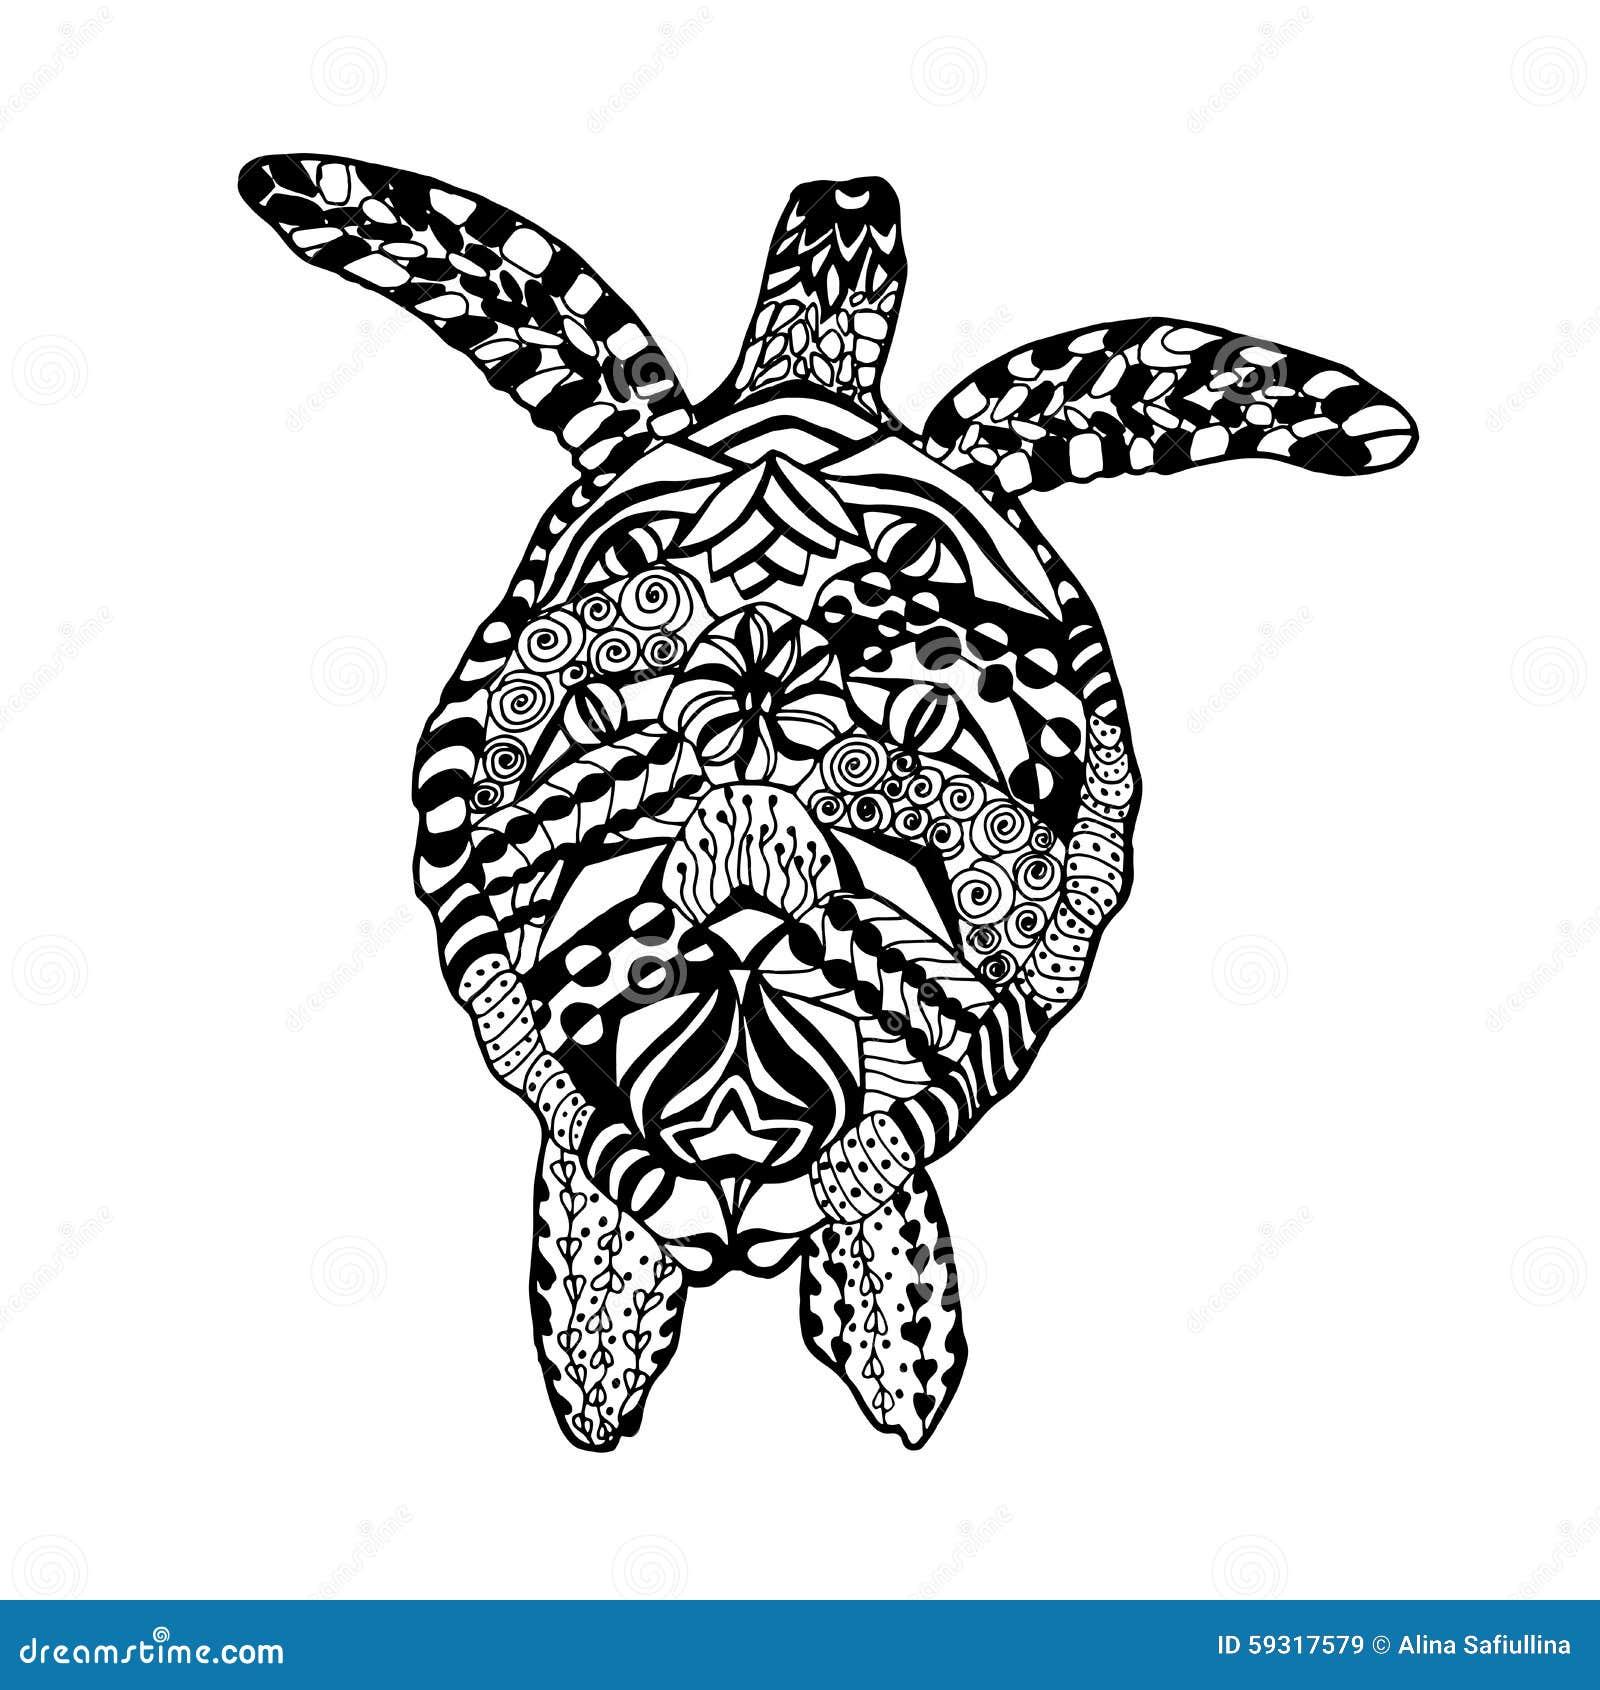 Großartig Anatomie Einer Schildkröte Ideen - Menschliche Anatomie ...